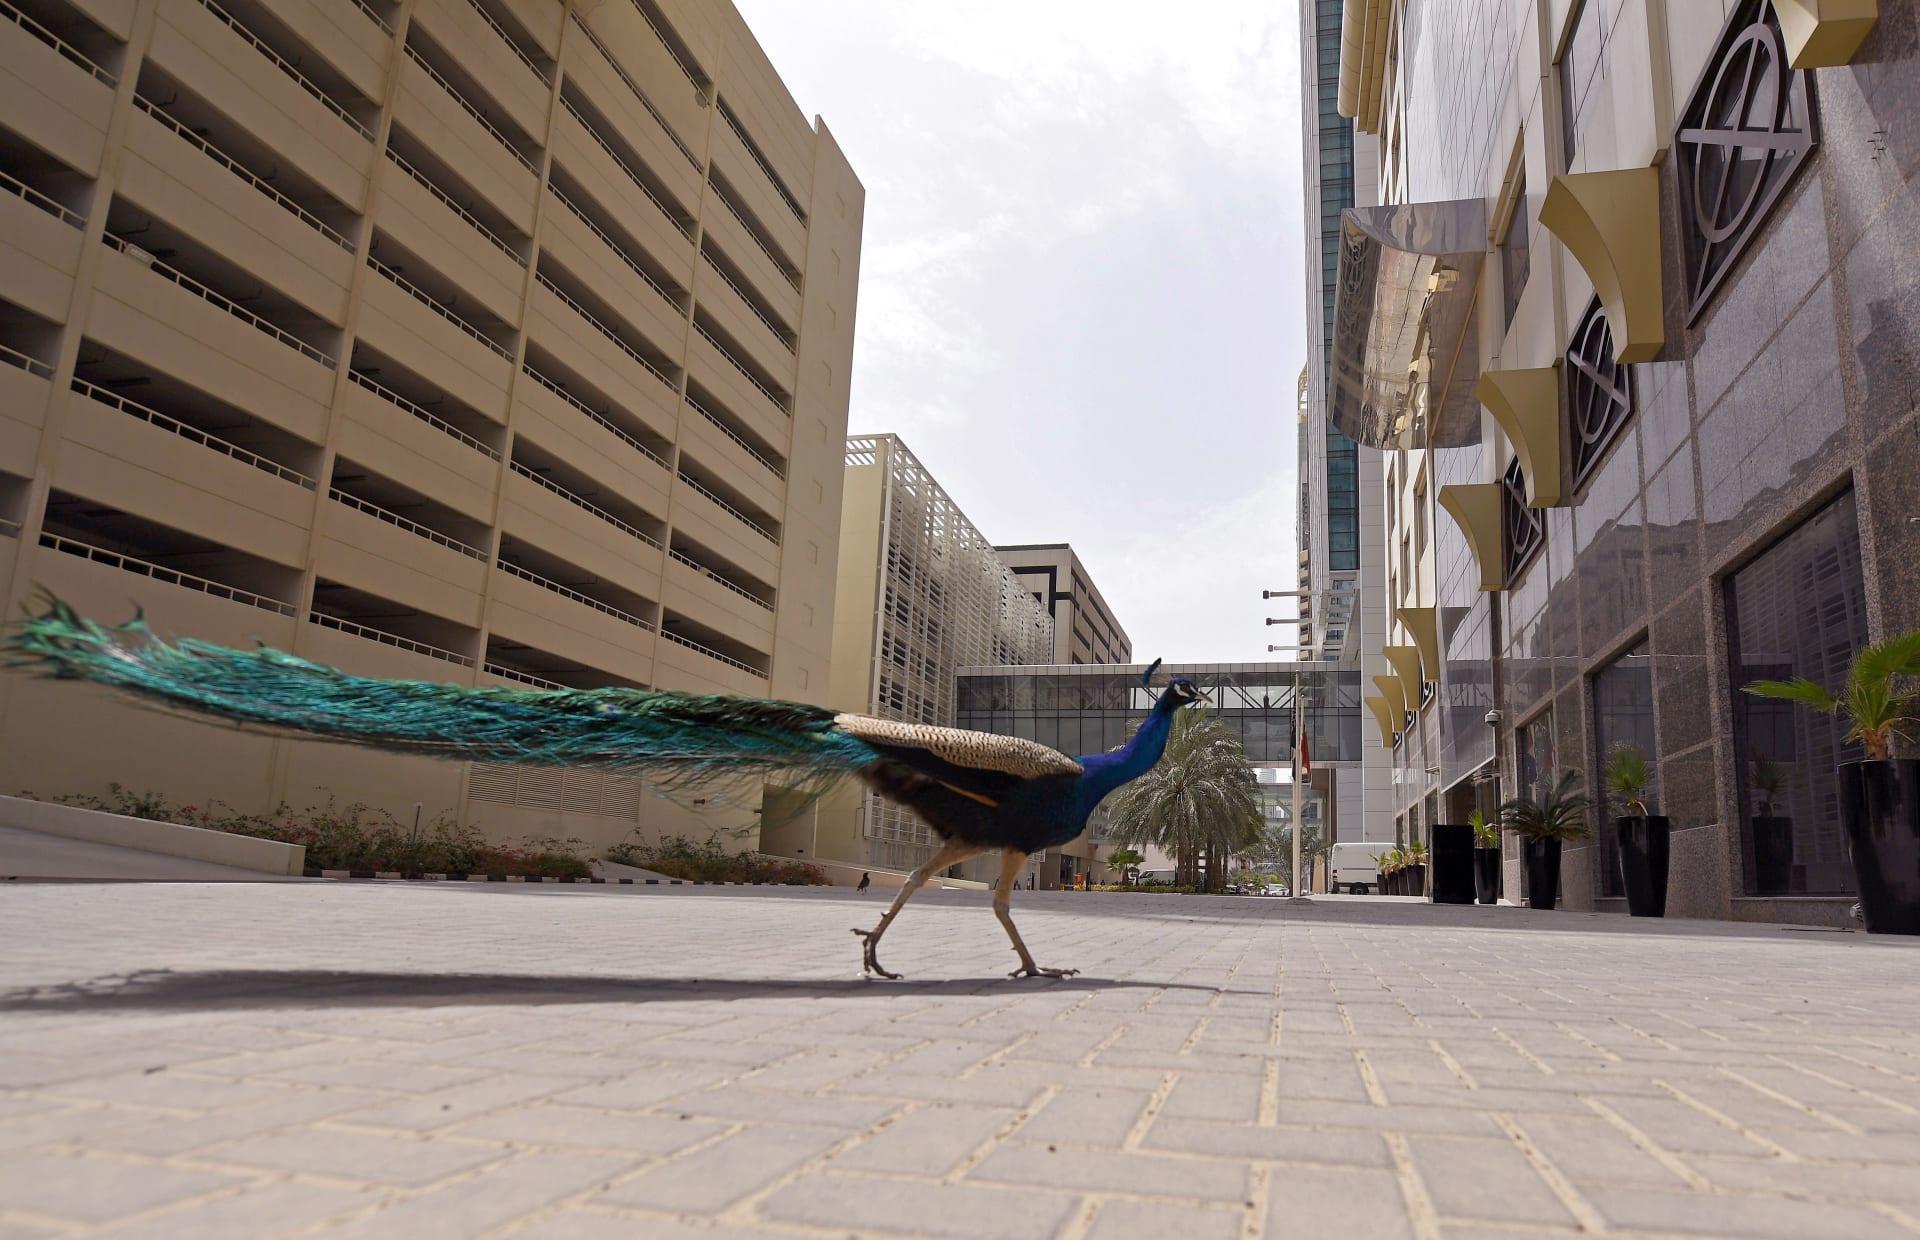 شوارع خالية من البشر وحيوانات تتجول بحرية حول العالم